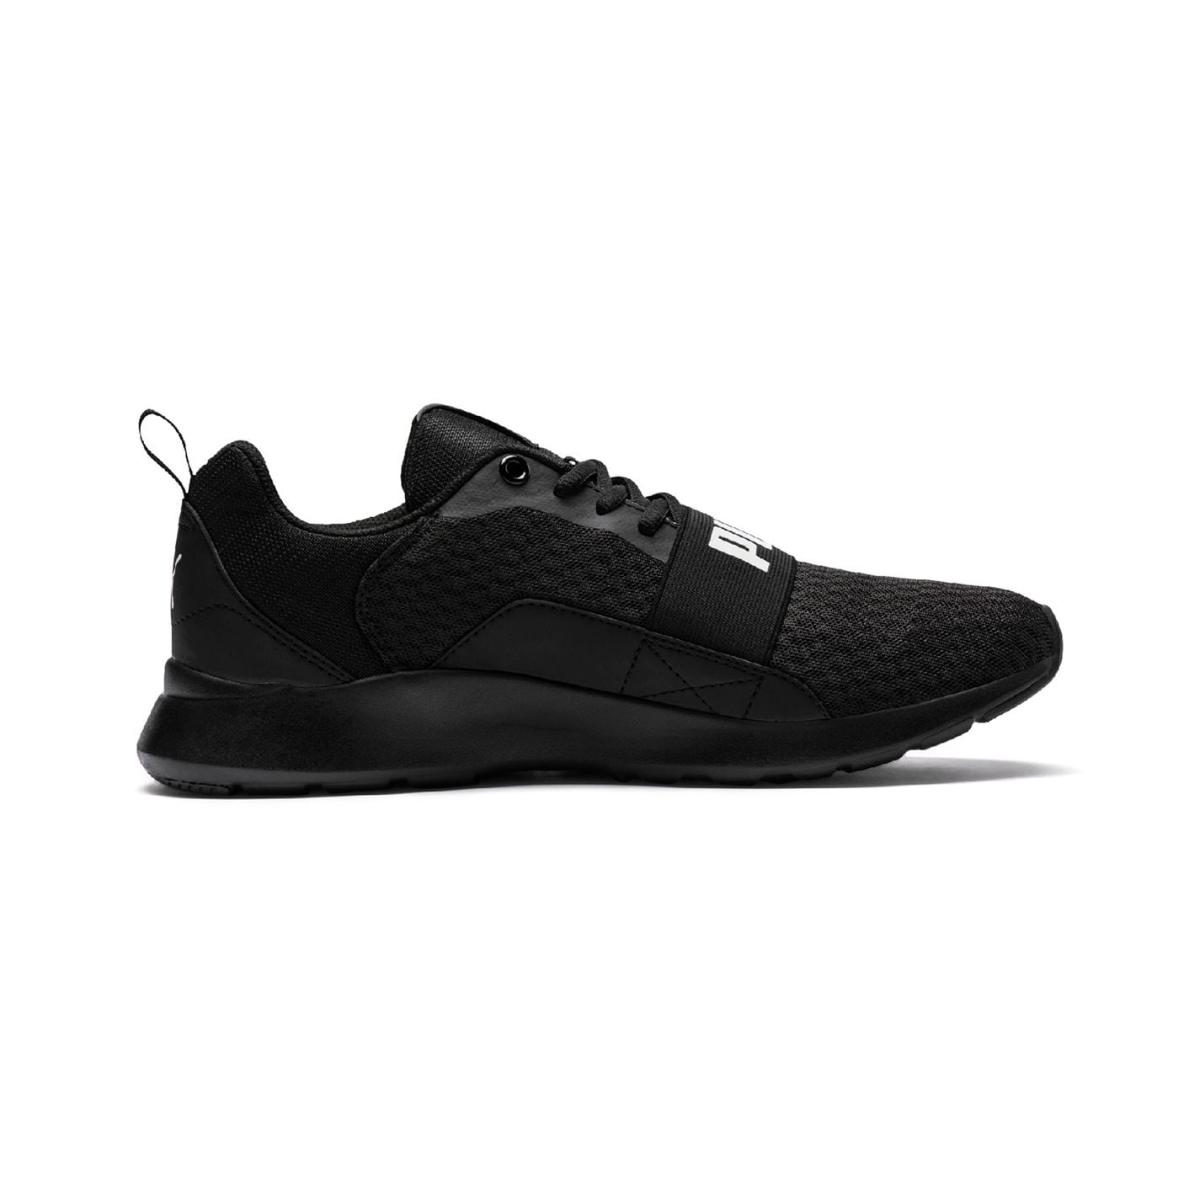 Puma-Wired-senores-zapatillas-de-deporte-zapatillas-para-correr-cortos-calzado-deportivo-fitness miniatura 6